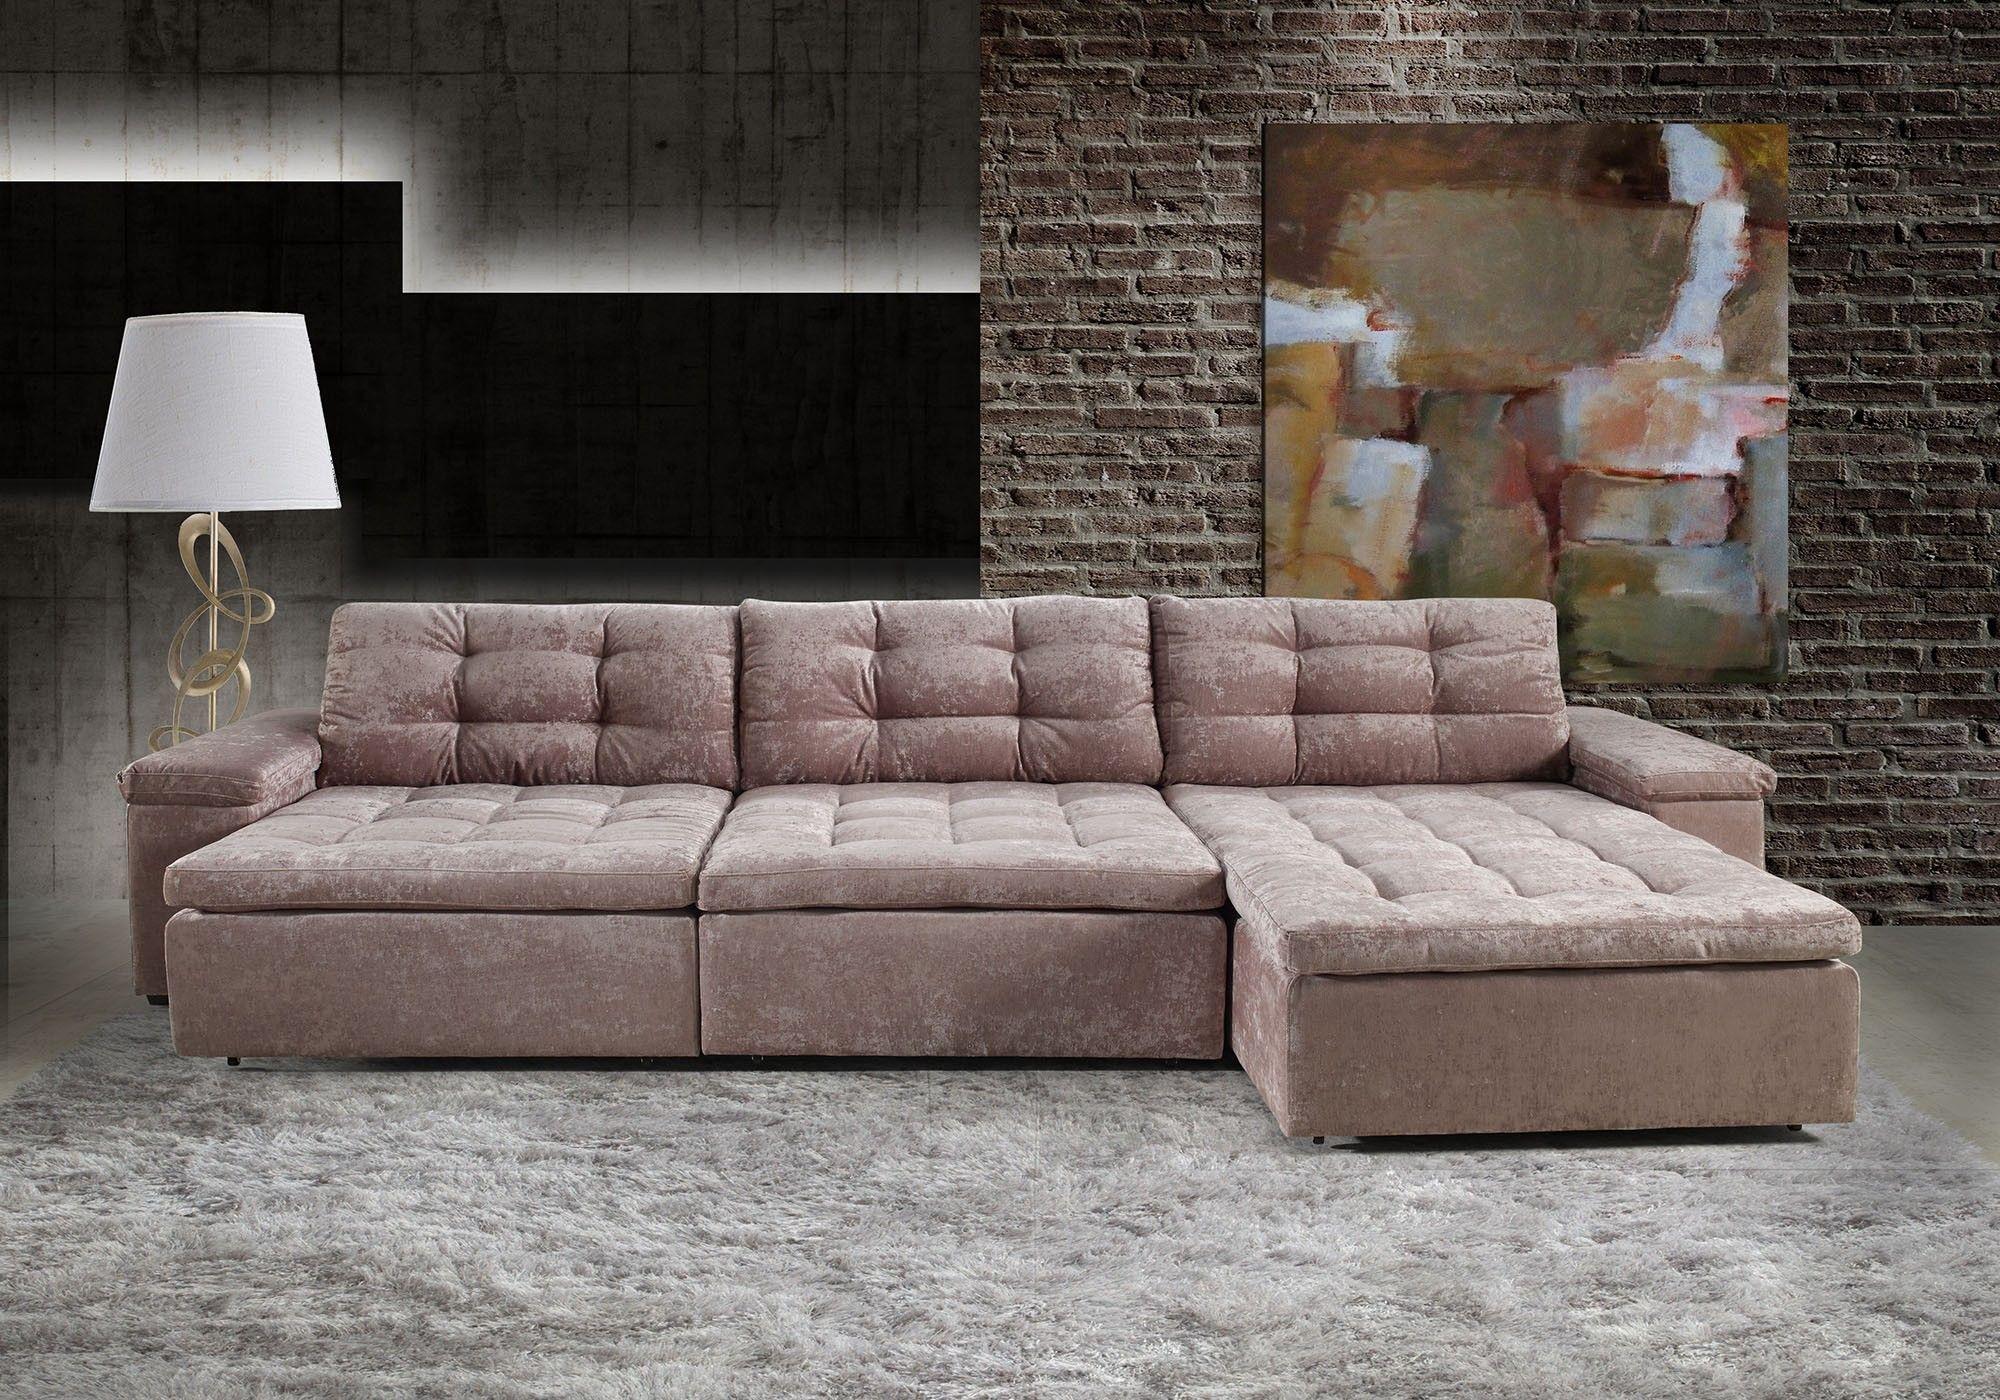 Sof apreccie 5 lugares assento retr til e encosto for Sofa 4 lugares reclinavel e assento retratil